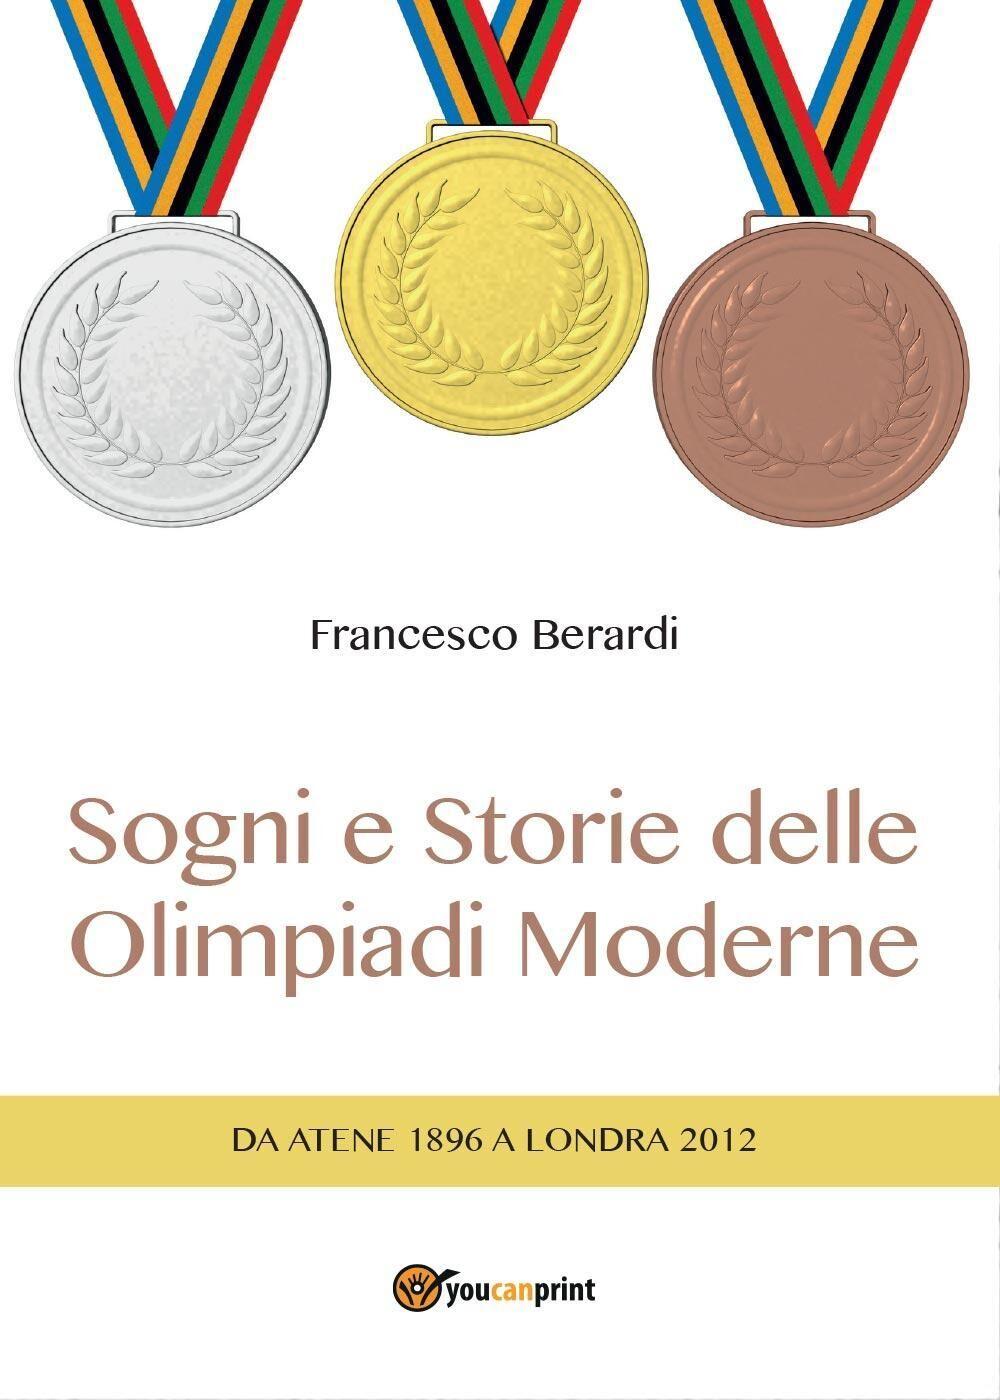 Sogni e storie delle Olimpiadi moderne